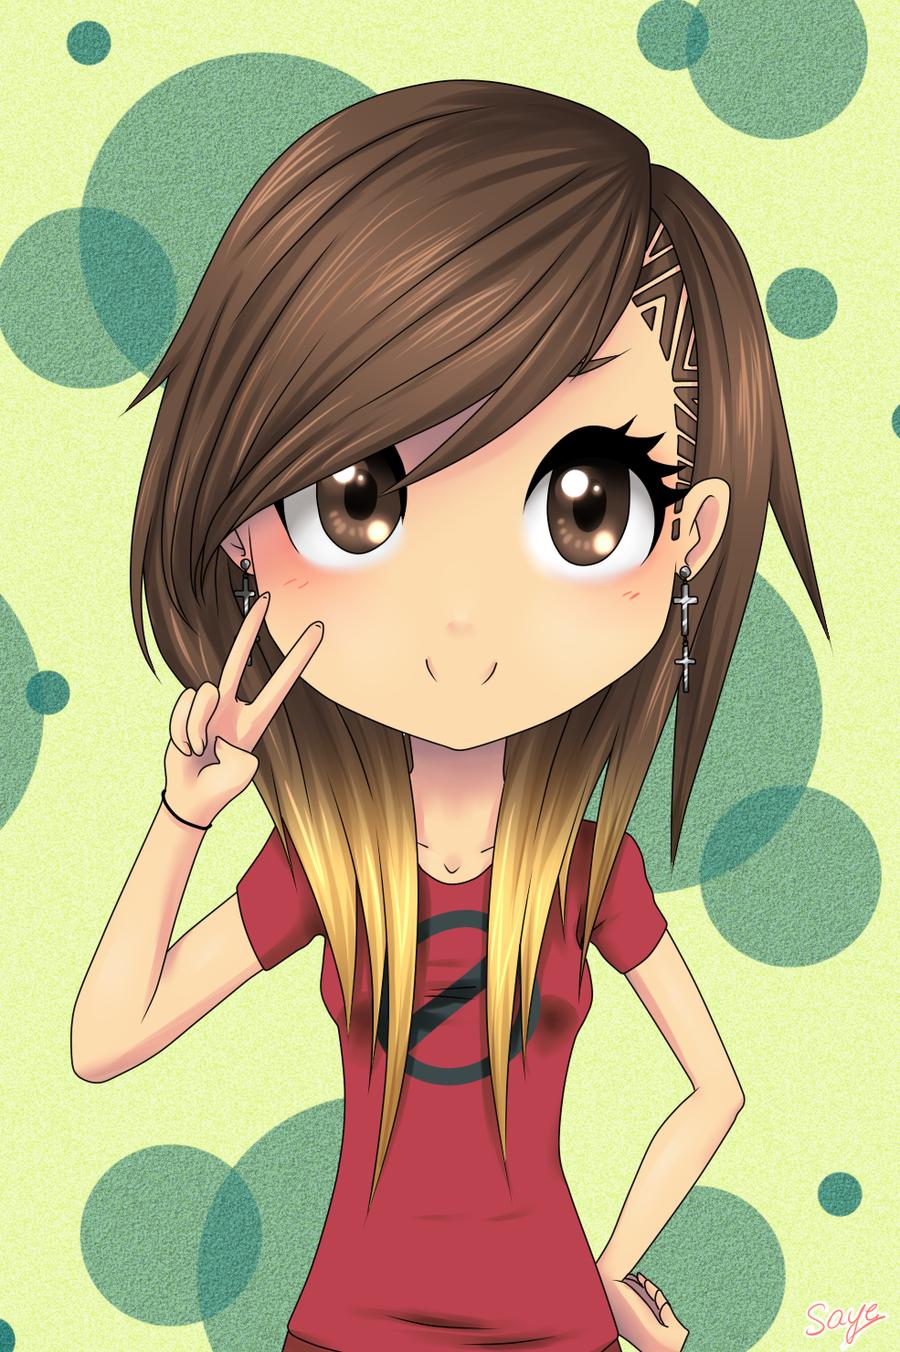 sayeko's Profile Picture